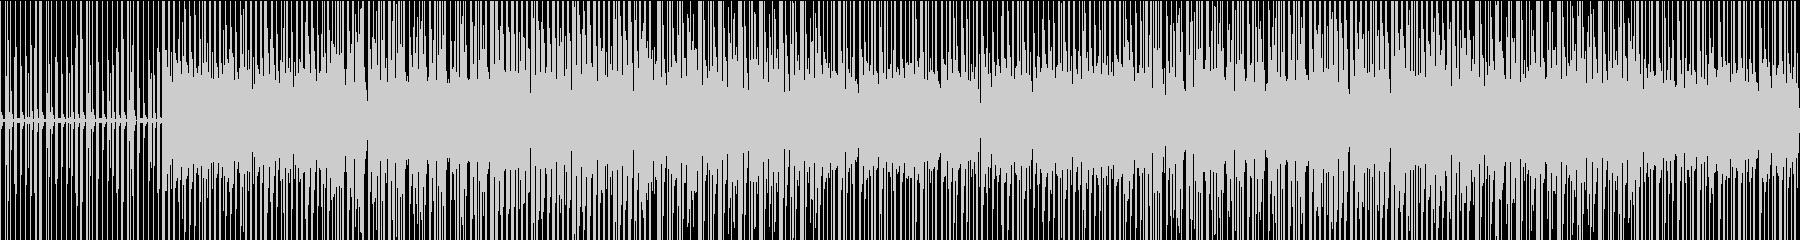 4小節のラップバトル2の未再生の波形